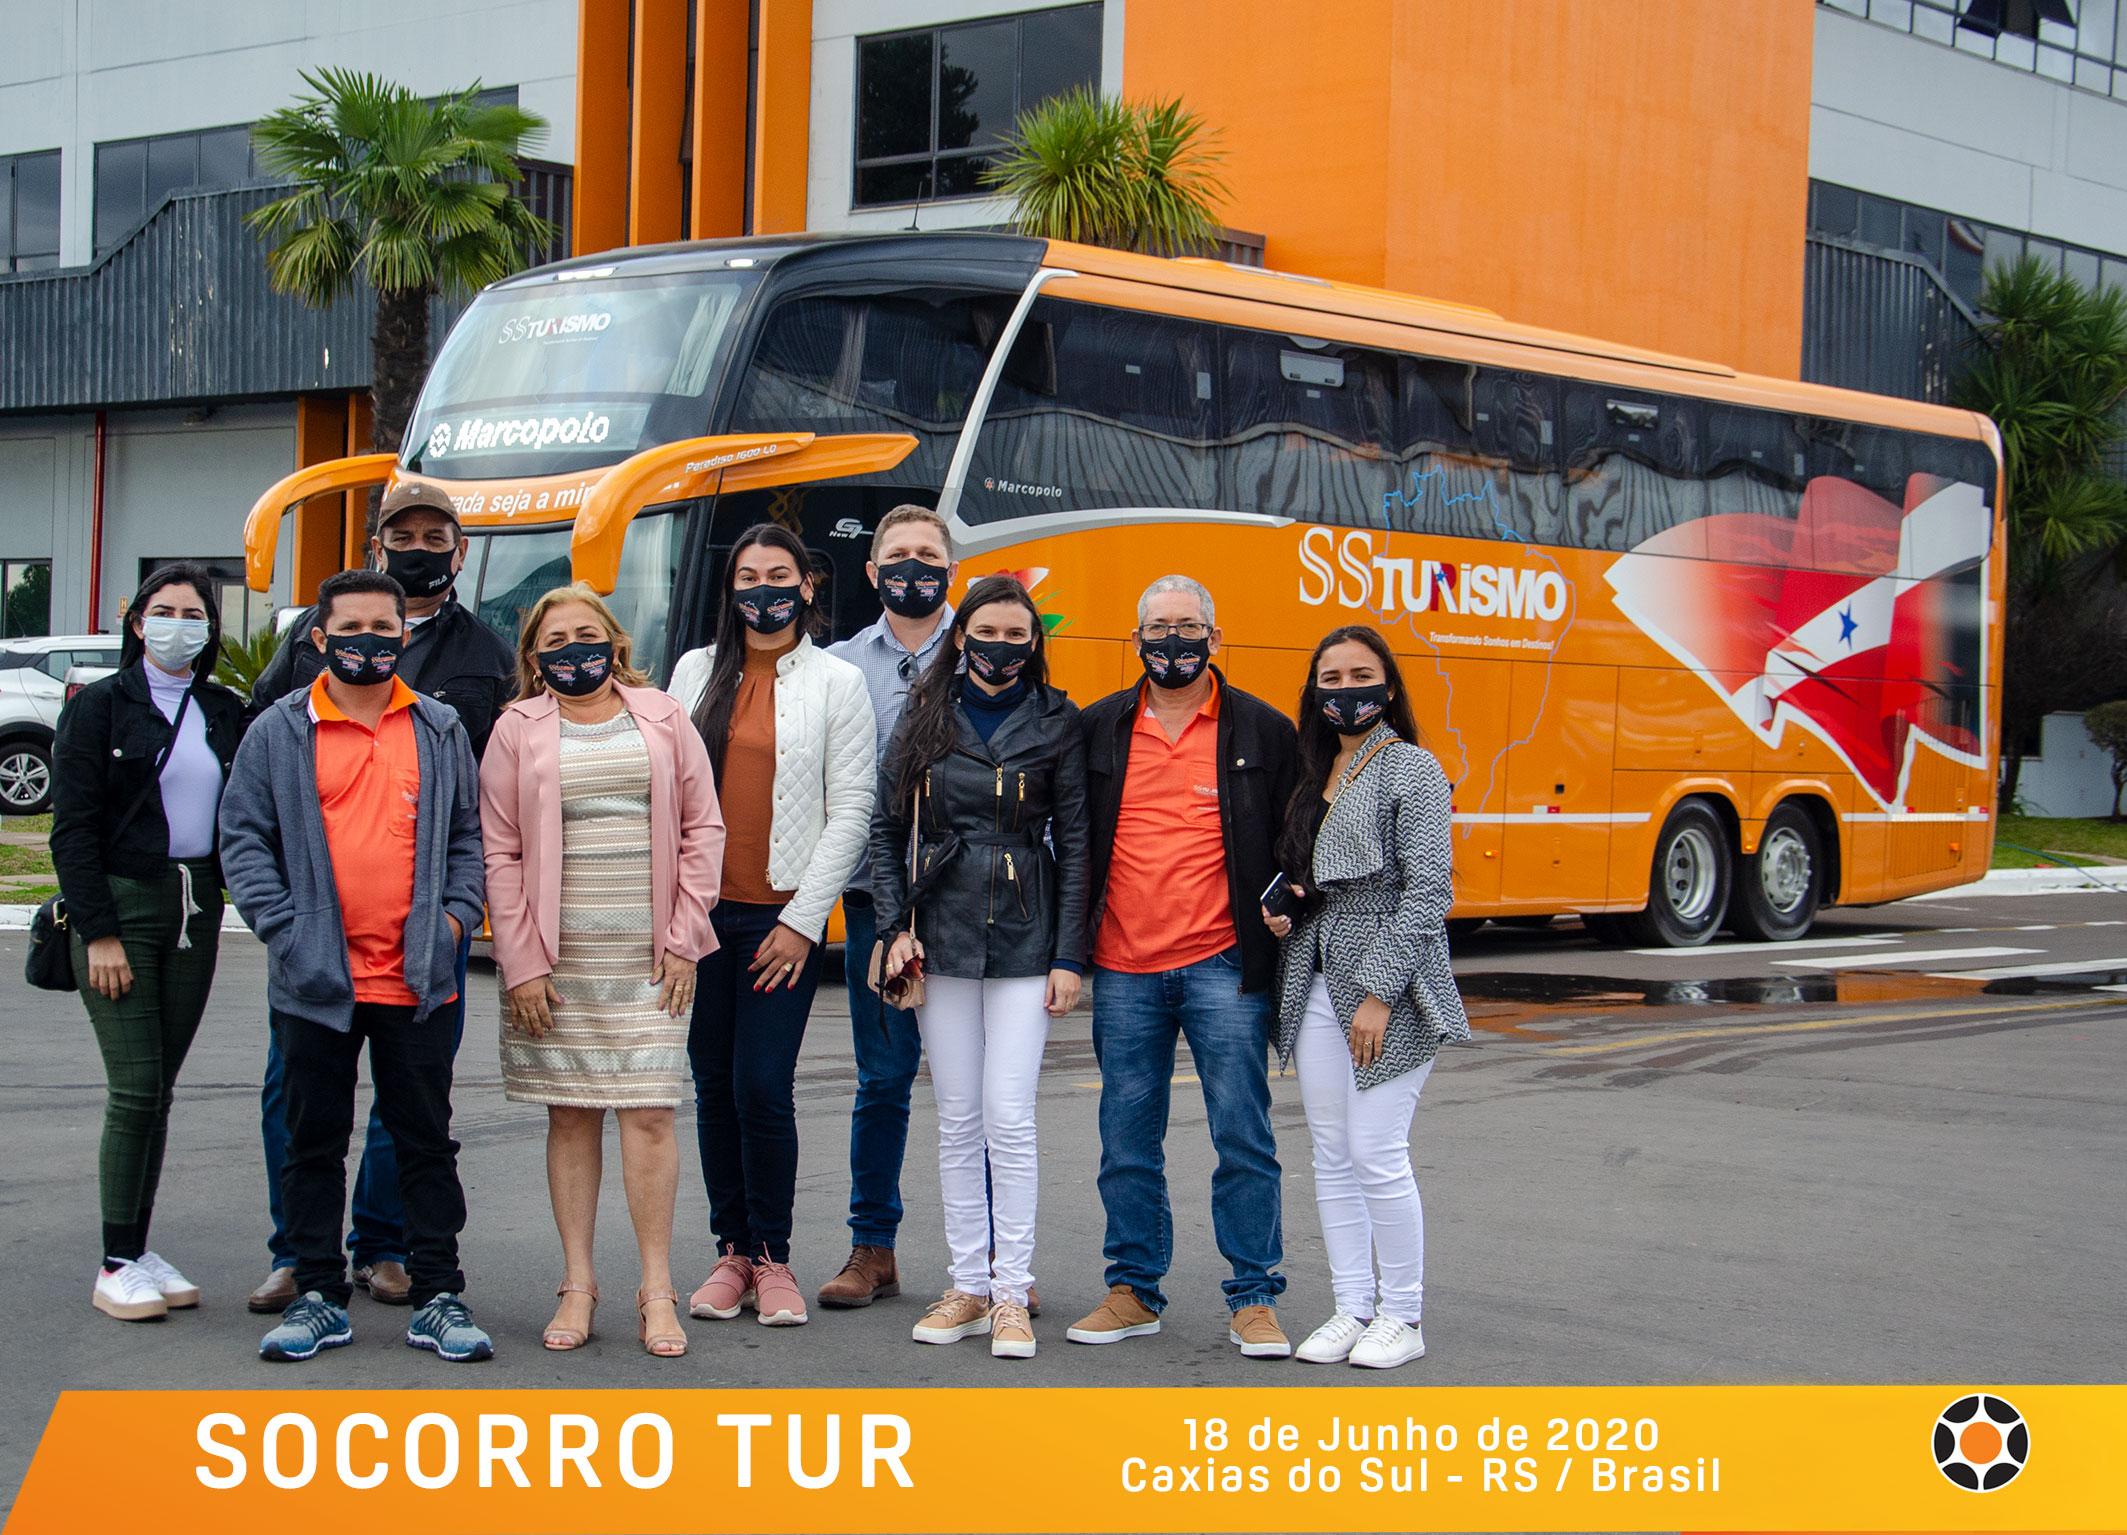 SOCORRO-TUR